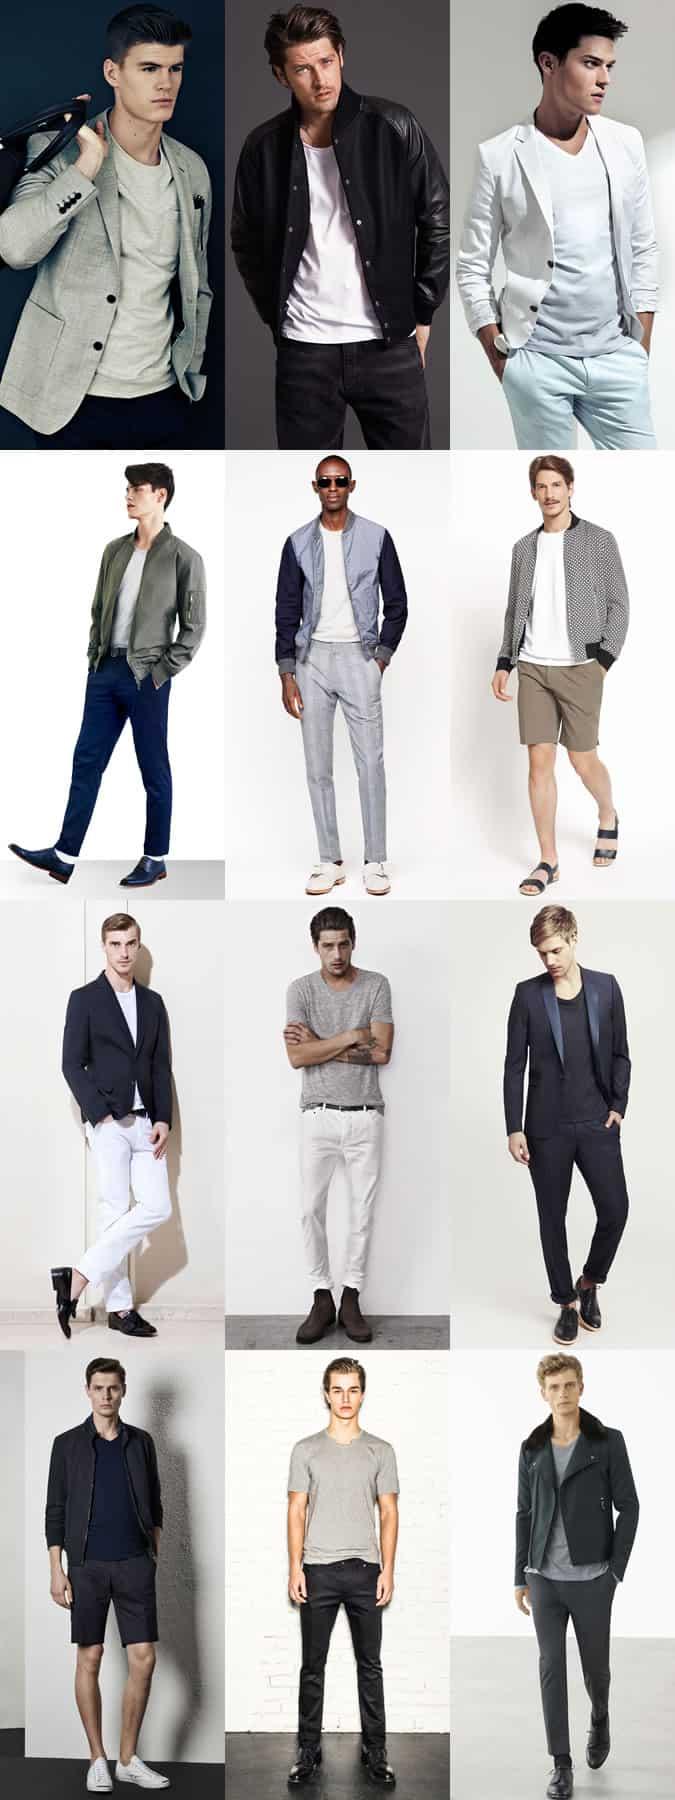 Mens Fashion Basics Part 2 T Shirts FashionBeans